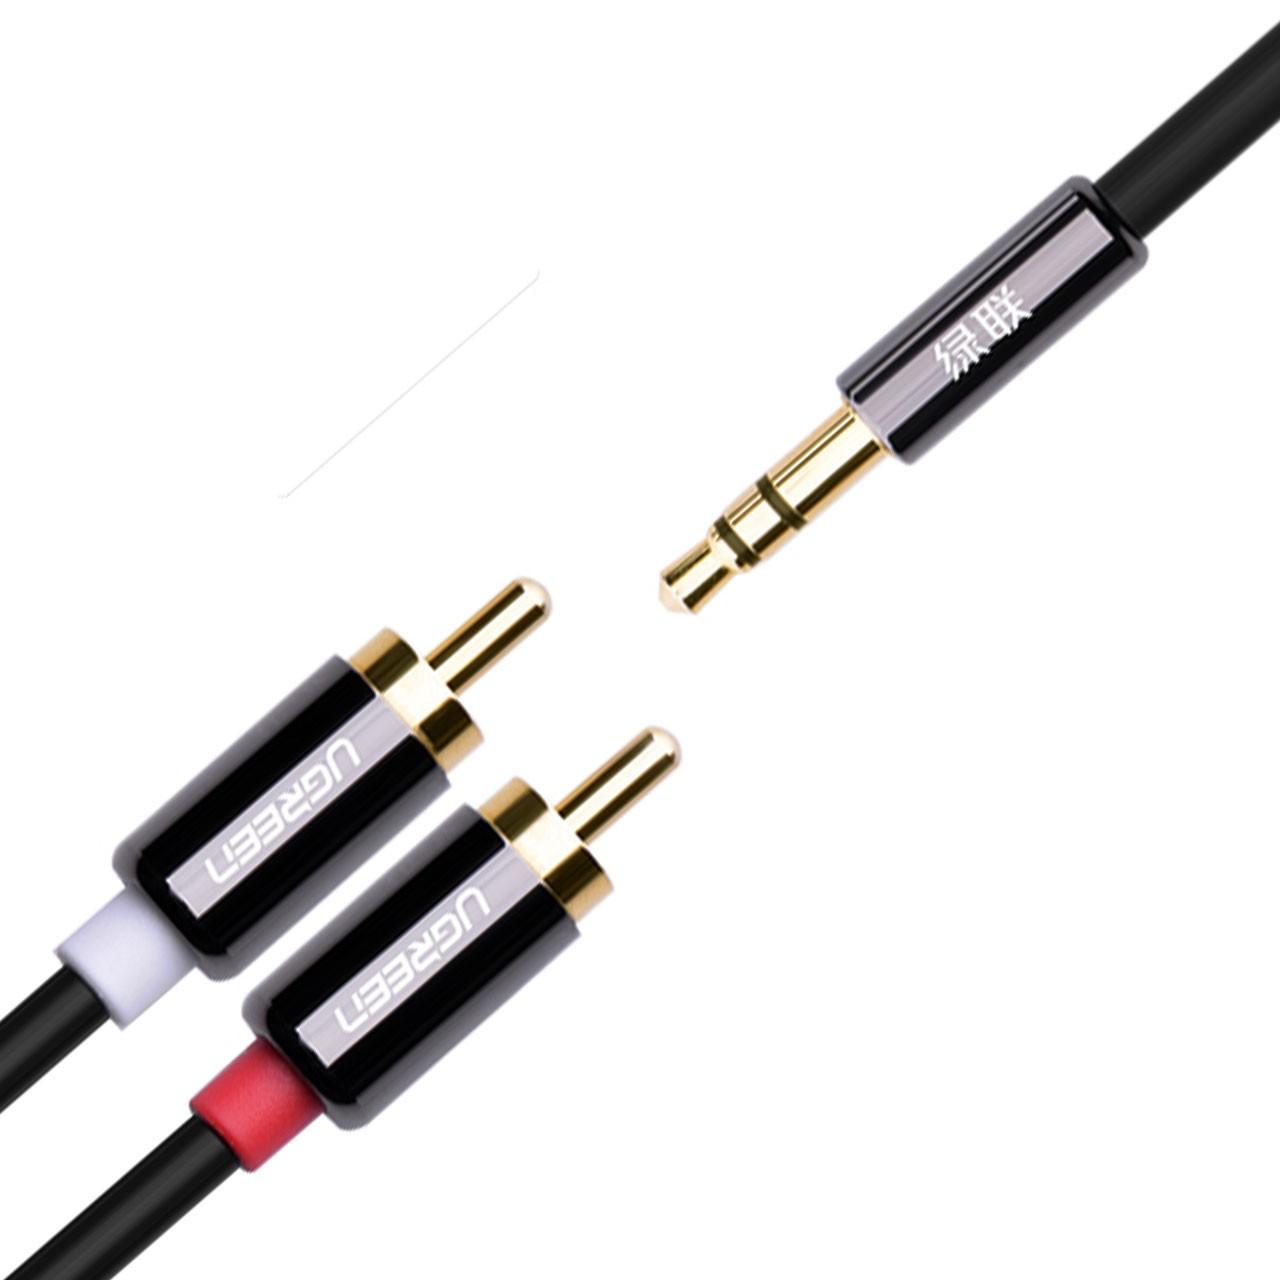 کابل 1 به 2 صدا برند Ugreen UGREEN 3.5mm male to 2RCA male cable with tiny & metal connector av116